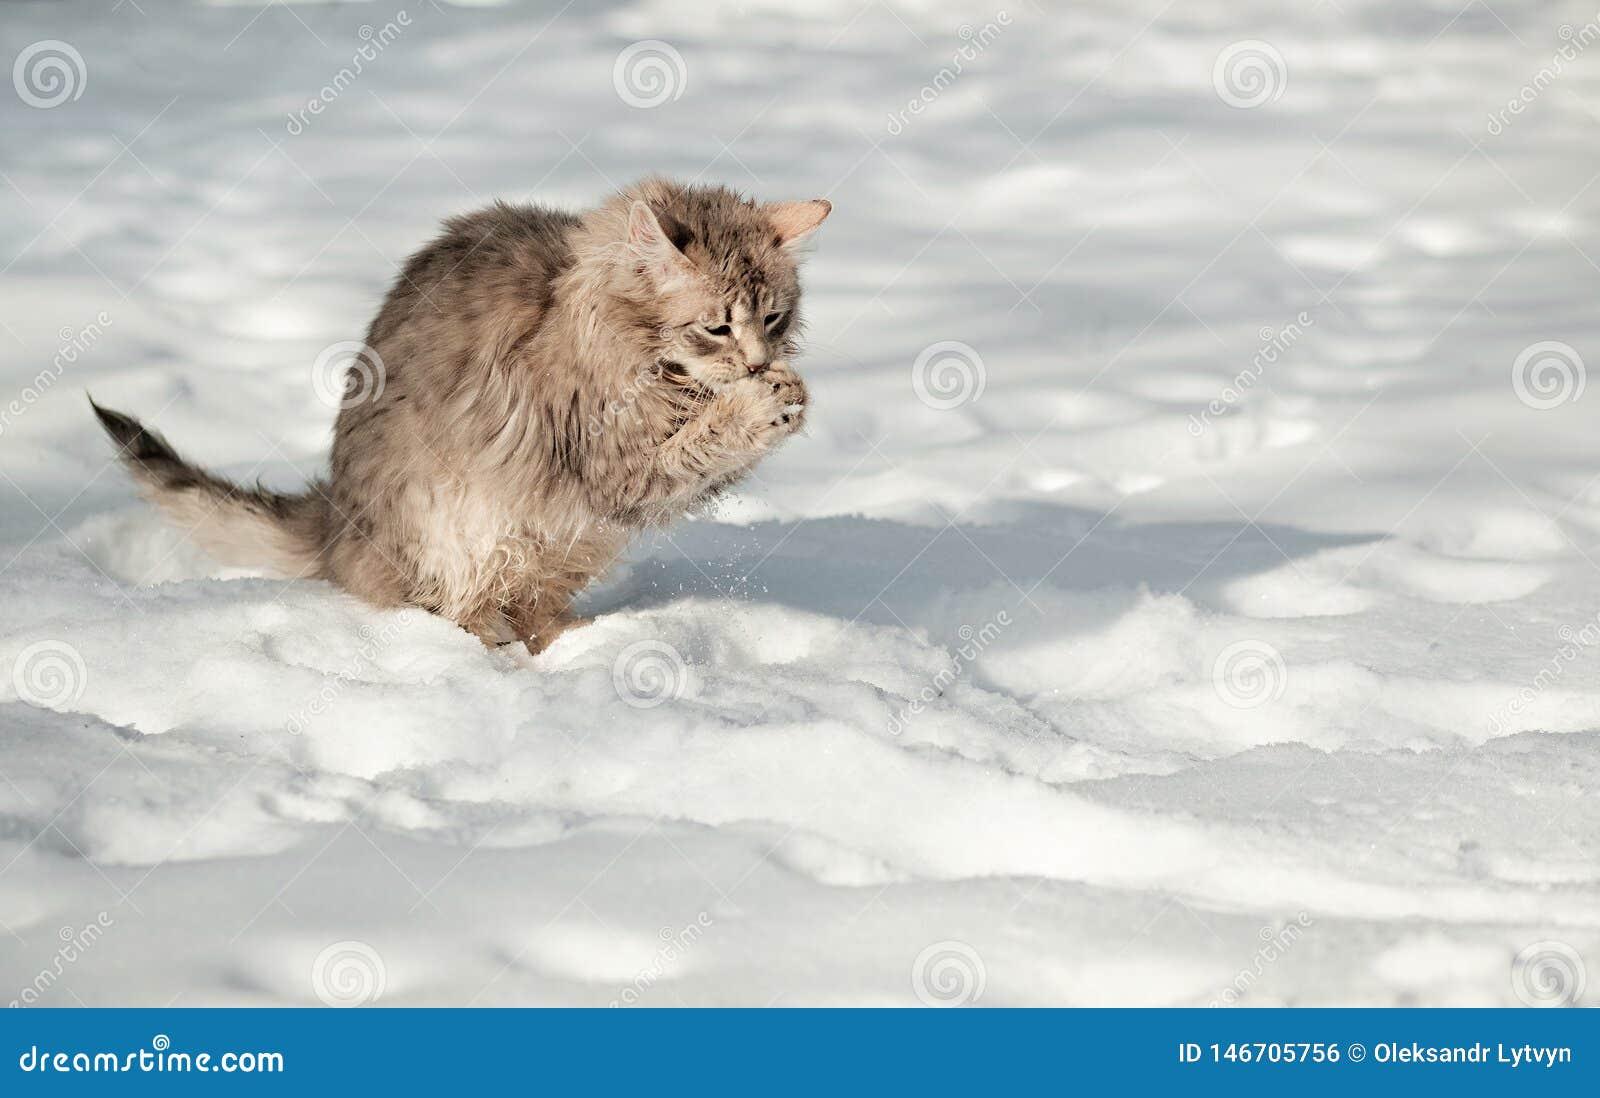 De jonge pluizige grijze kat eet sneeuw